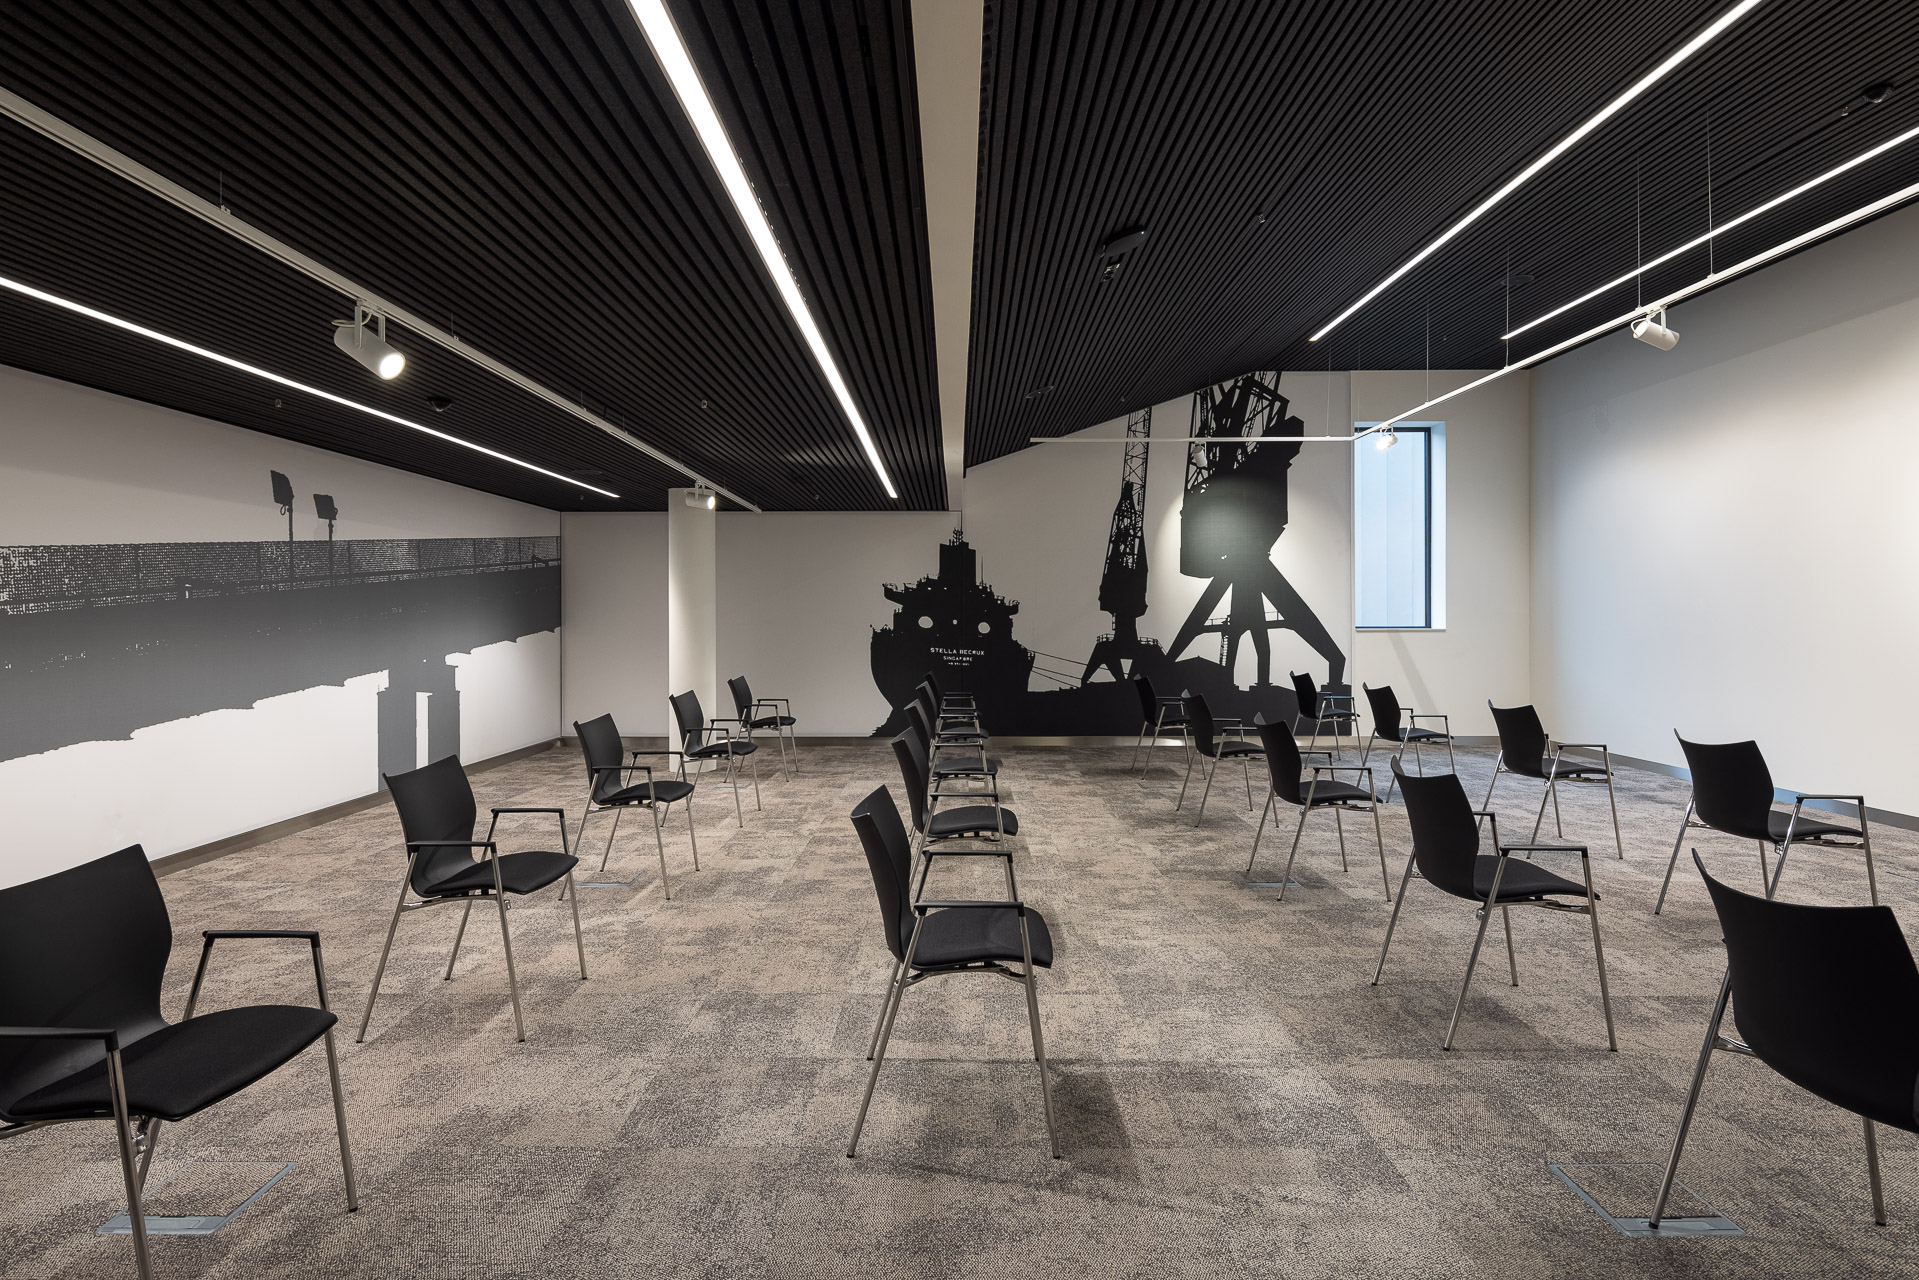 SP2020-Rotterdam-Ahoy-Convention-Centre-Interieur-11-Architectuur-fotografie